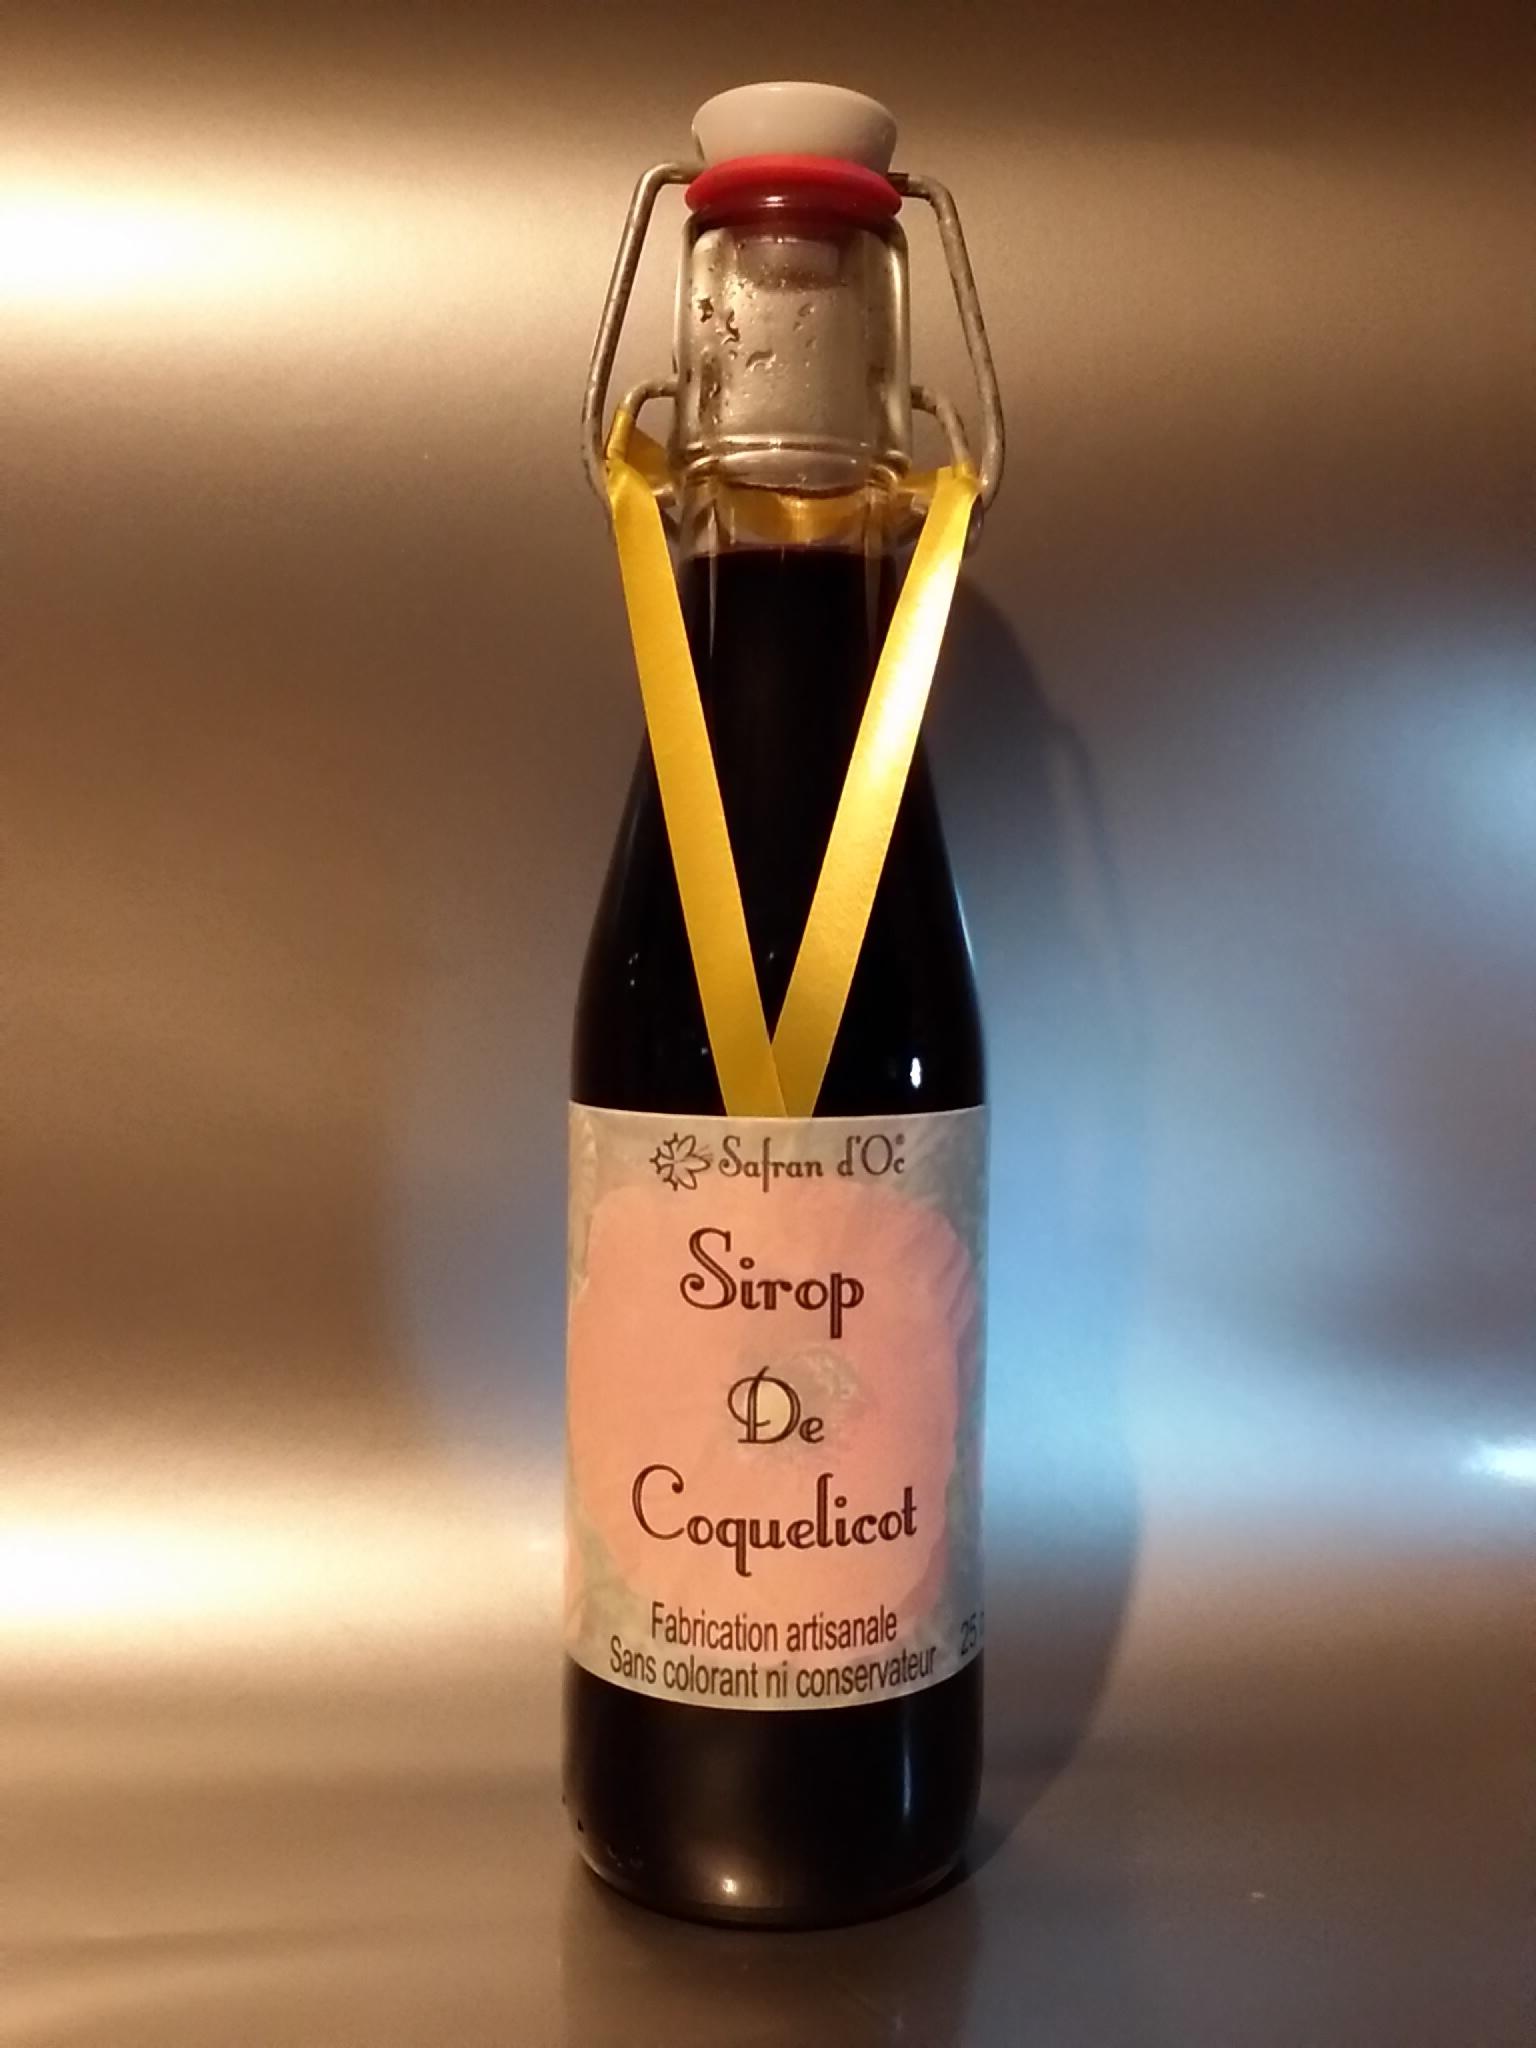 Sirop de coquelicot - 25cl - Safran d'Oc